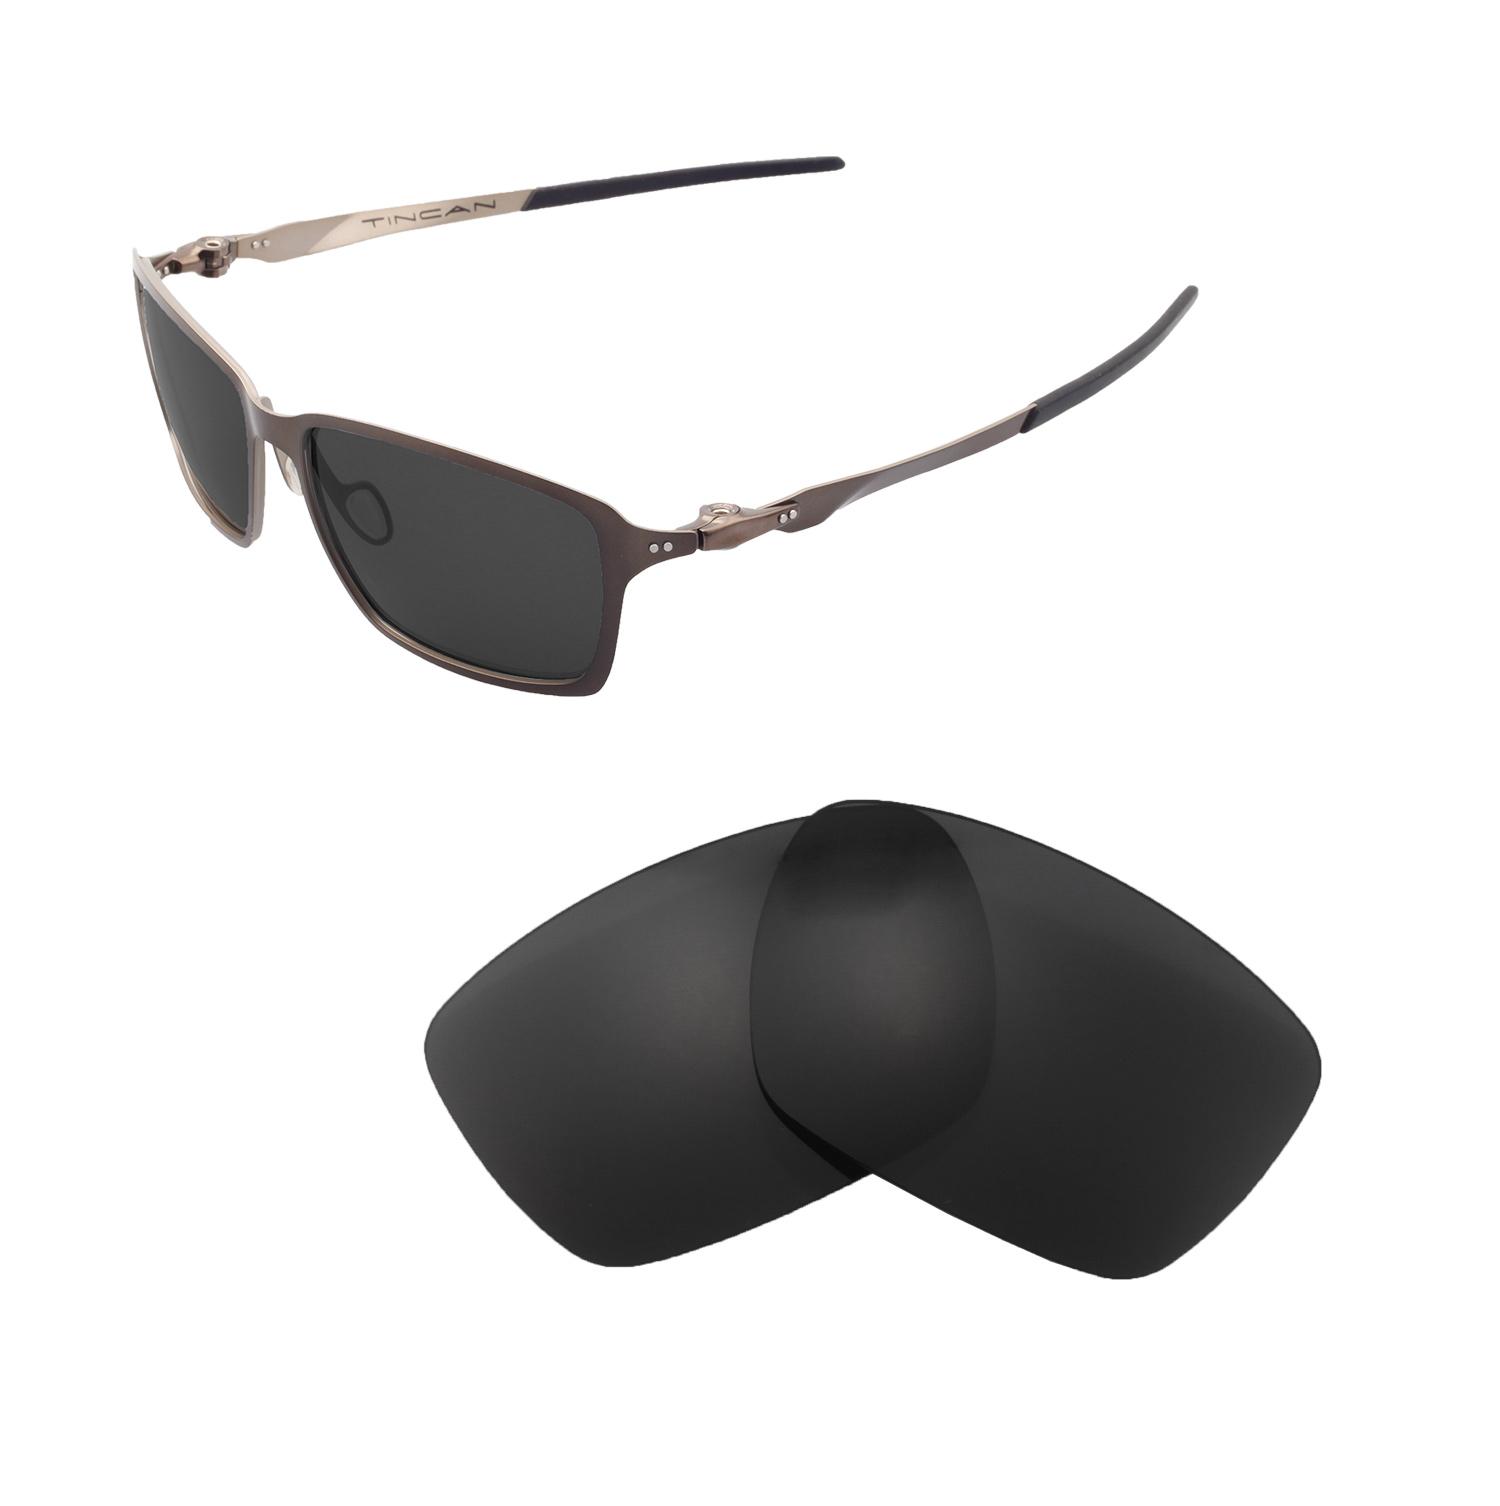 0d15272fa6d Details about Walleva Polarized Black Replacement Lenses For Oakley Tincan  Sunglasses